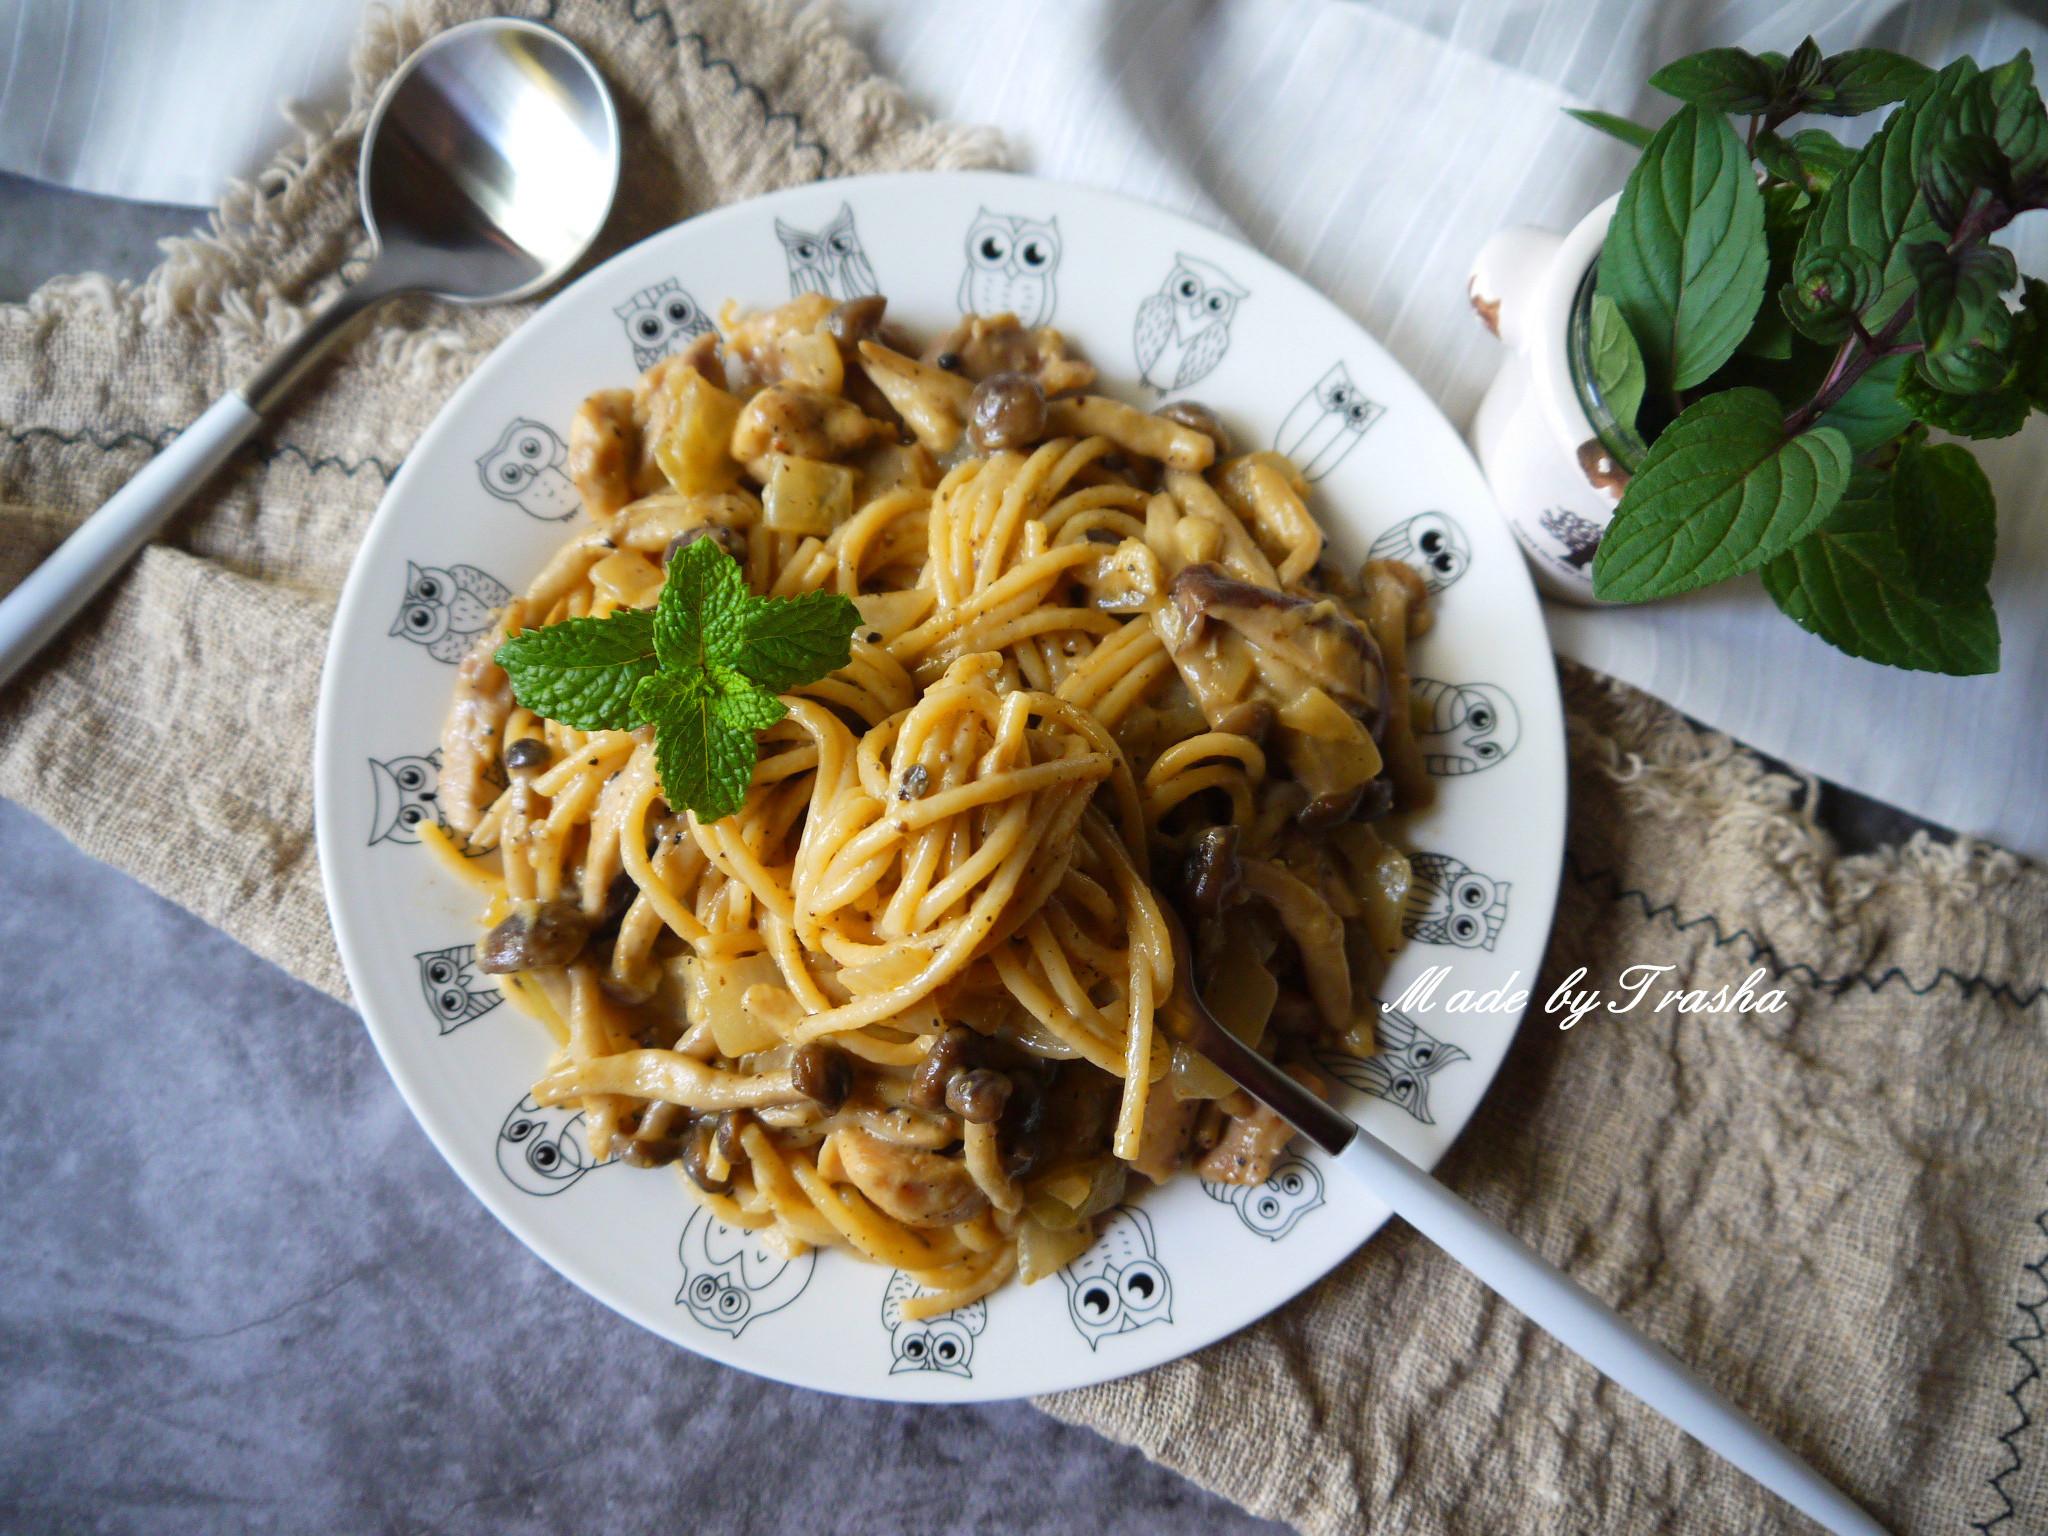 奶油雞肉菇菇義大利麵